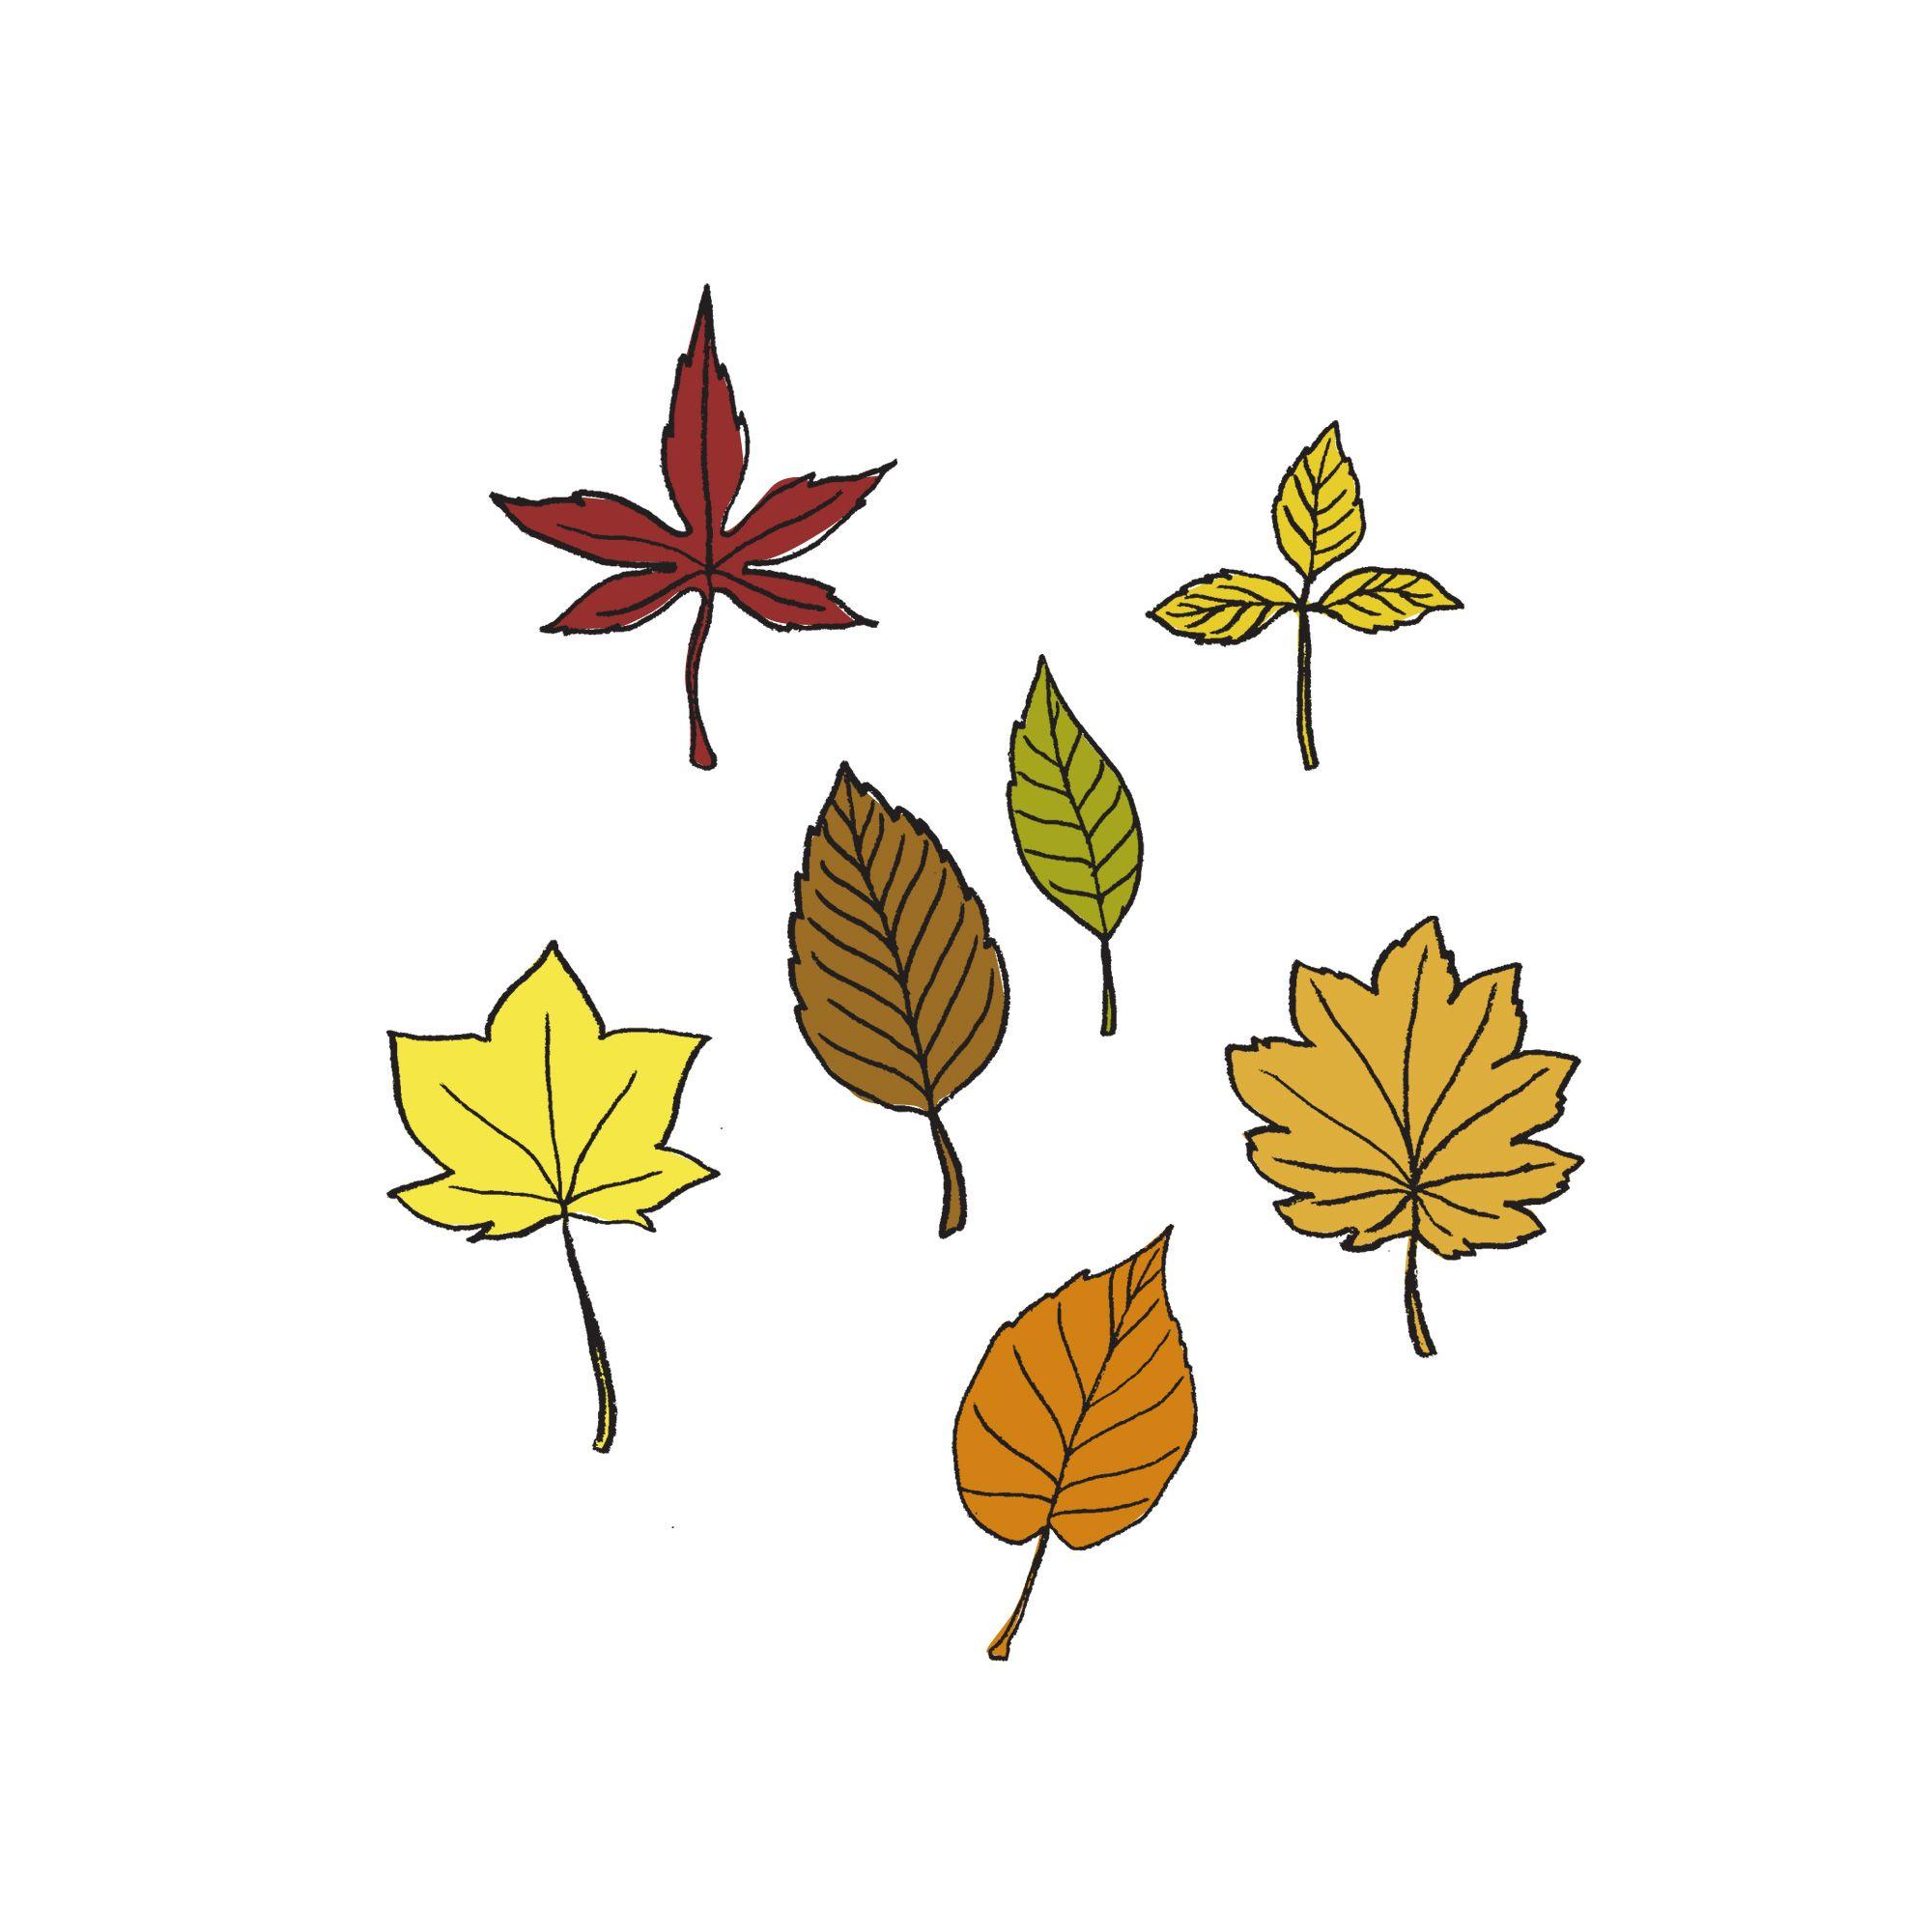 イラスト鉛筆落ち葉leaf Original Items 落ち葉鉛筆イラスト